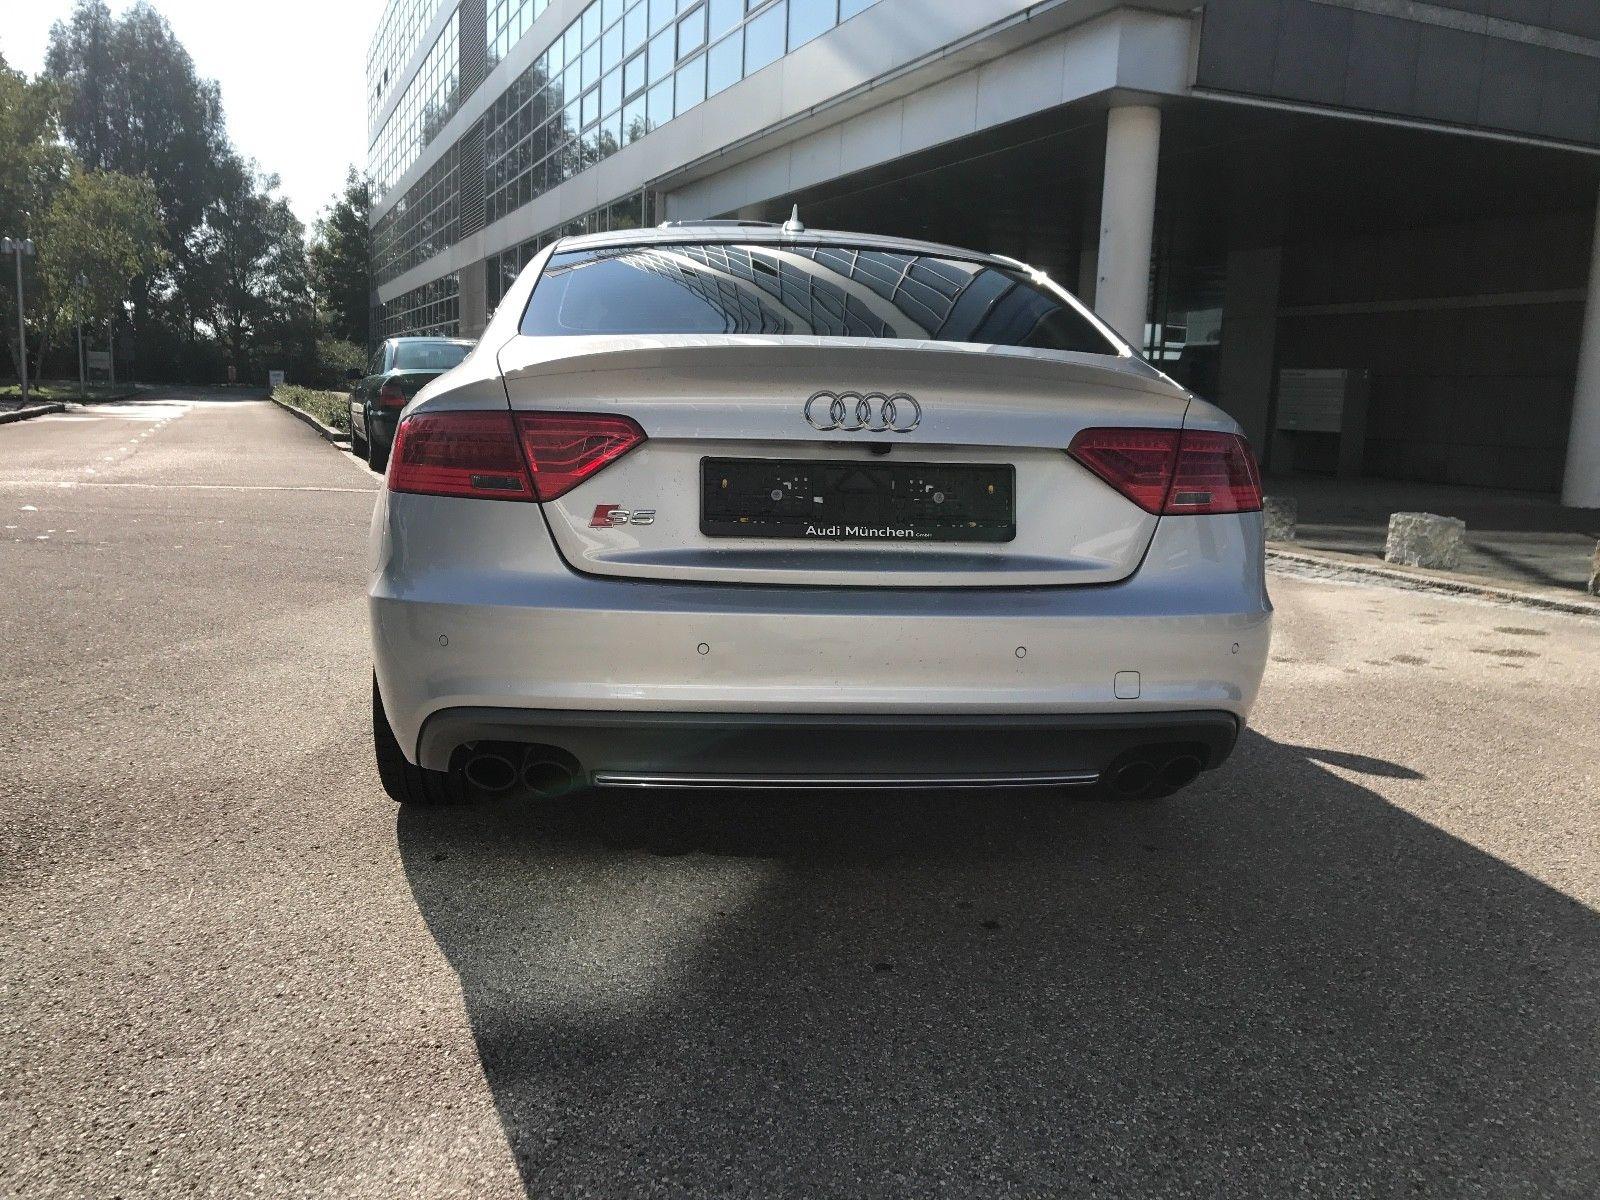 Покупка на кола от Германия - Audi S5 Sportback 2013 3.0 TFSI 333 к.с. Quattro - 33500 Evro - 06.10.2017 (5)